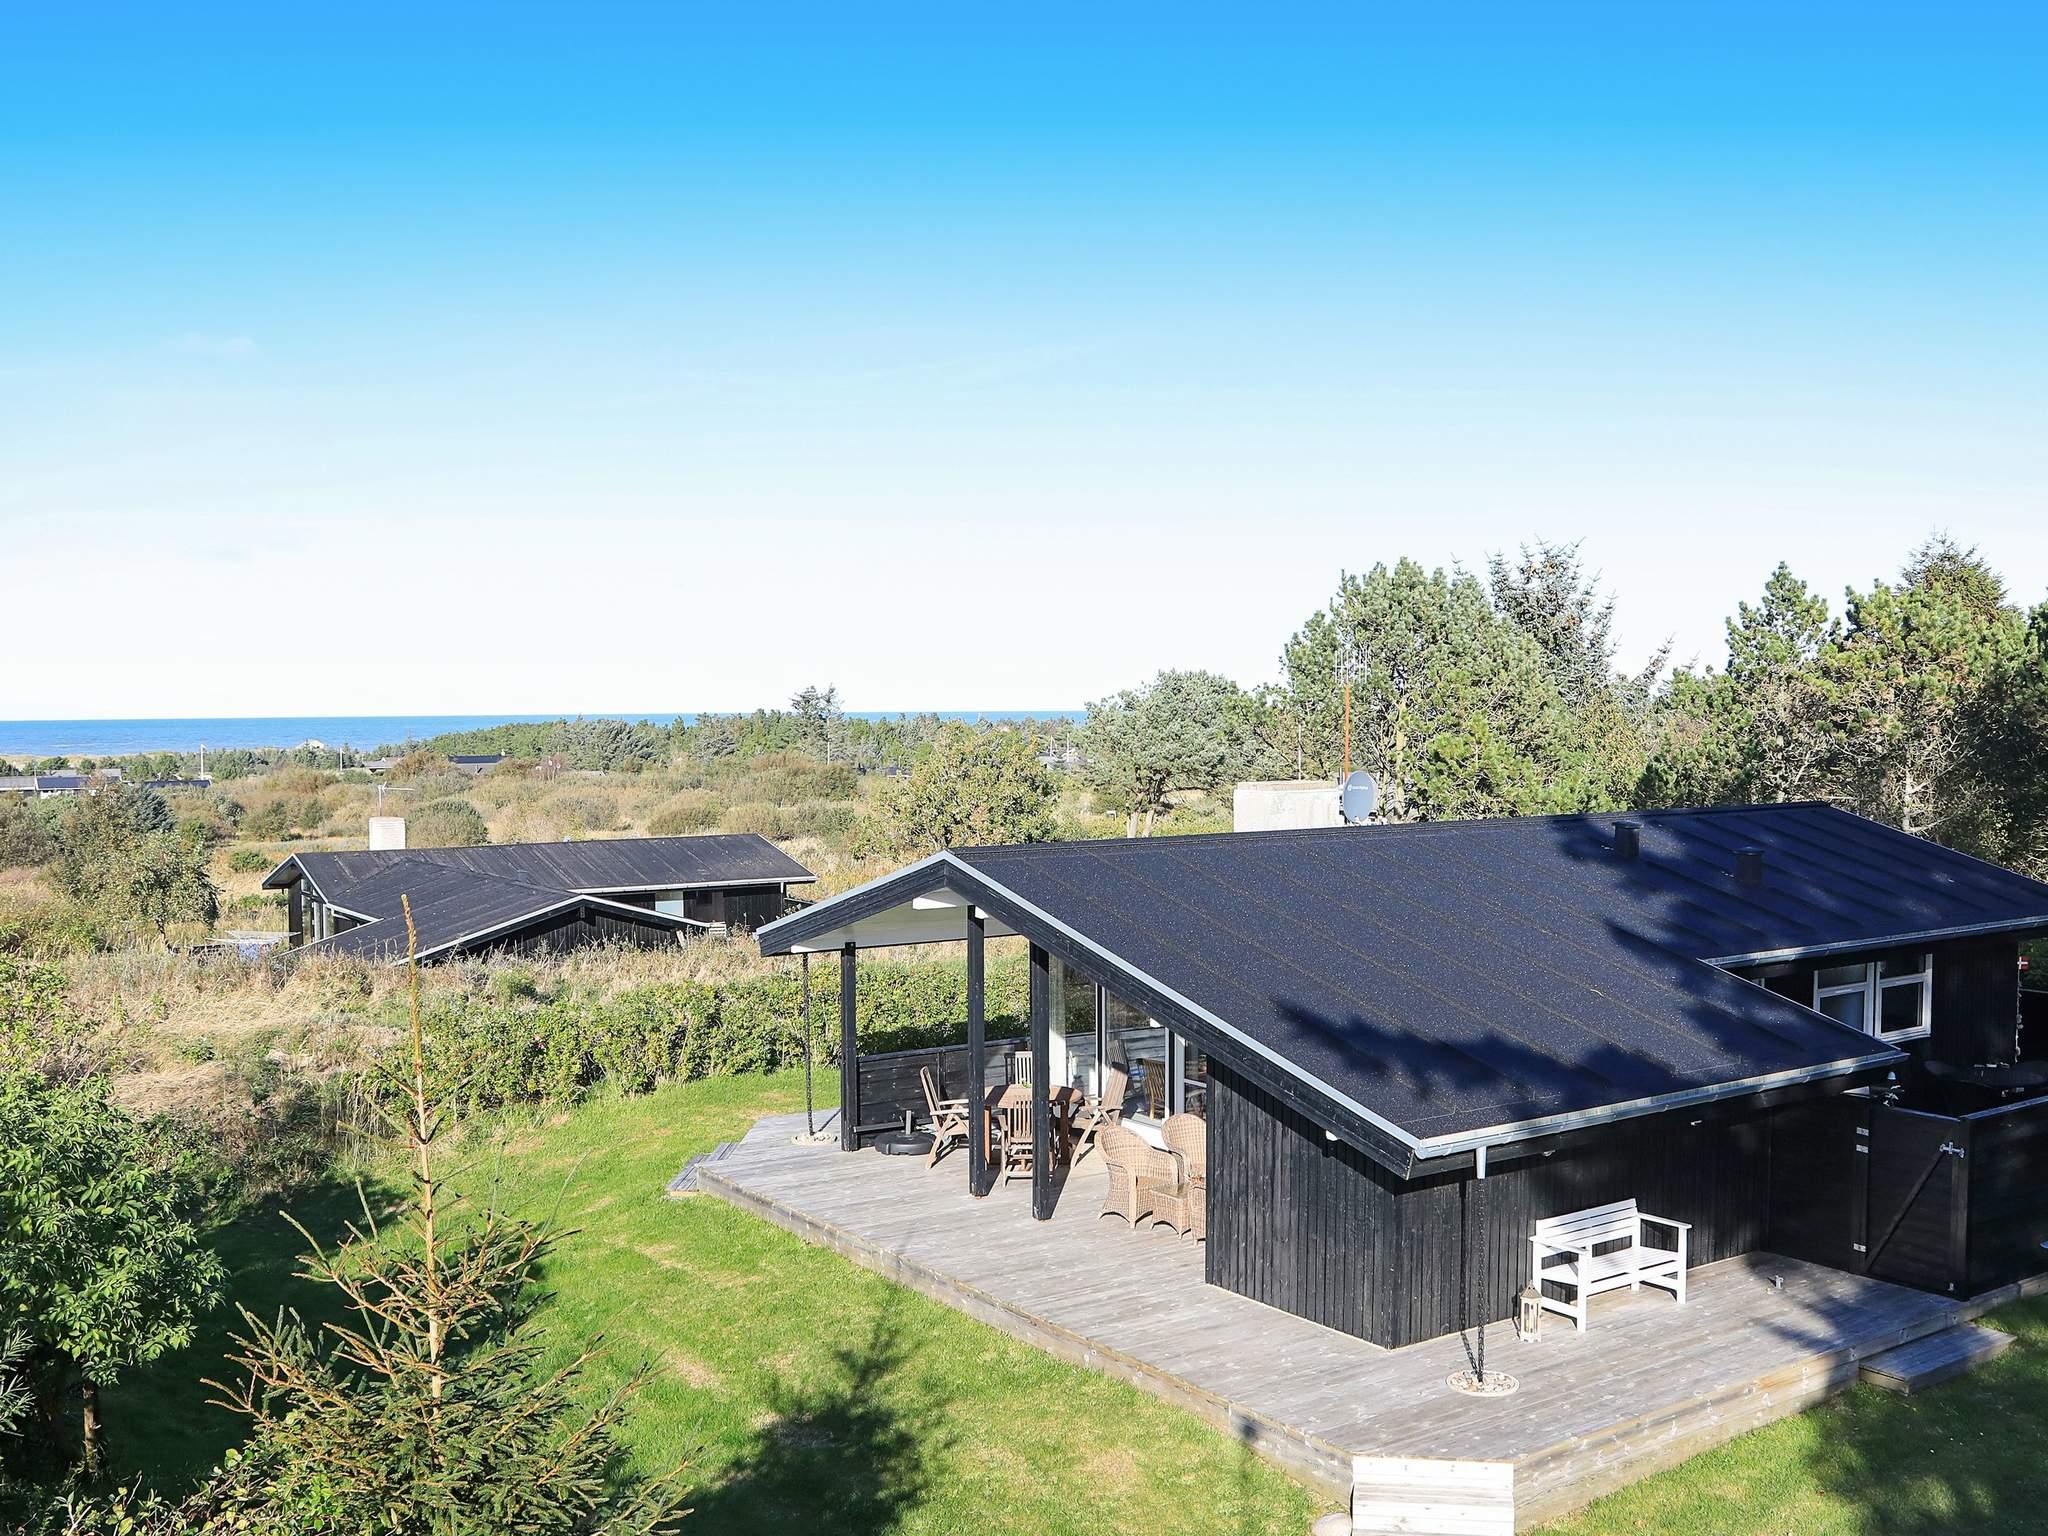 Ferienhaus Kjul Strand (2355118), Hirtshals, , Nordwestjütland, Dänemark, Bild 15